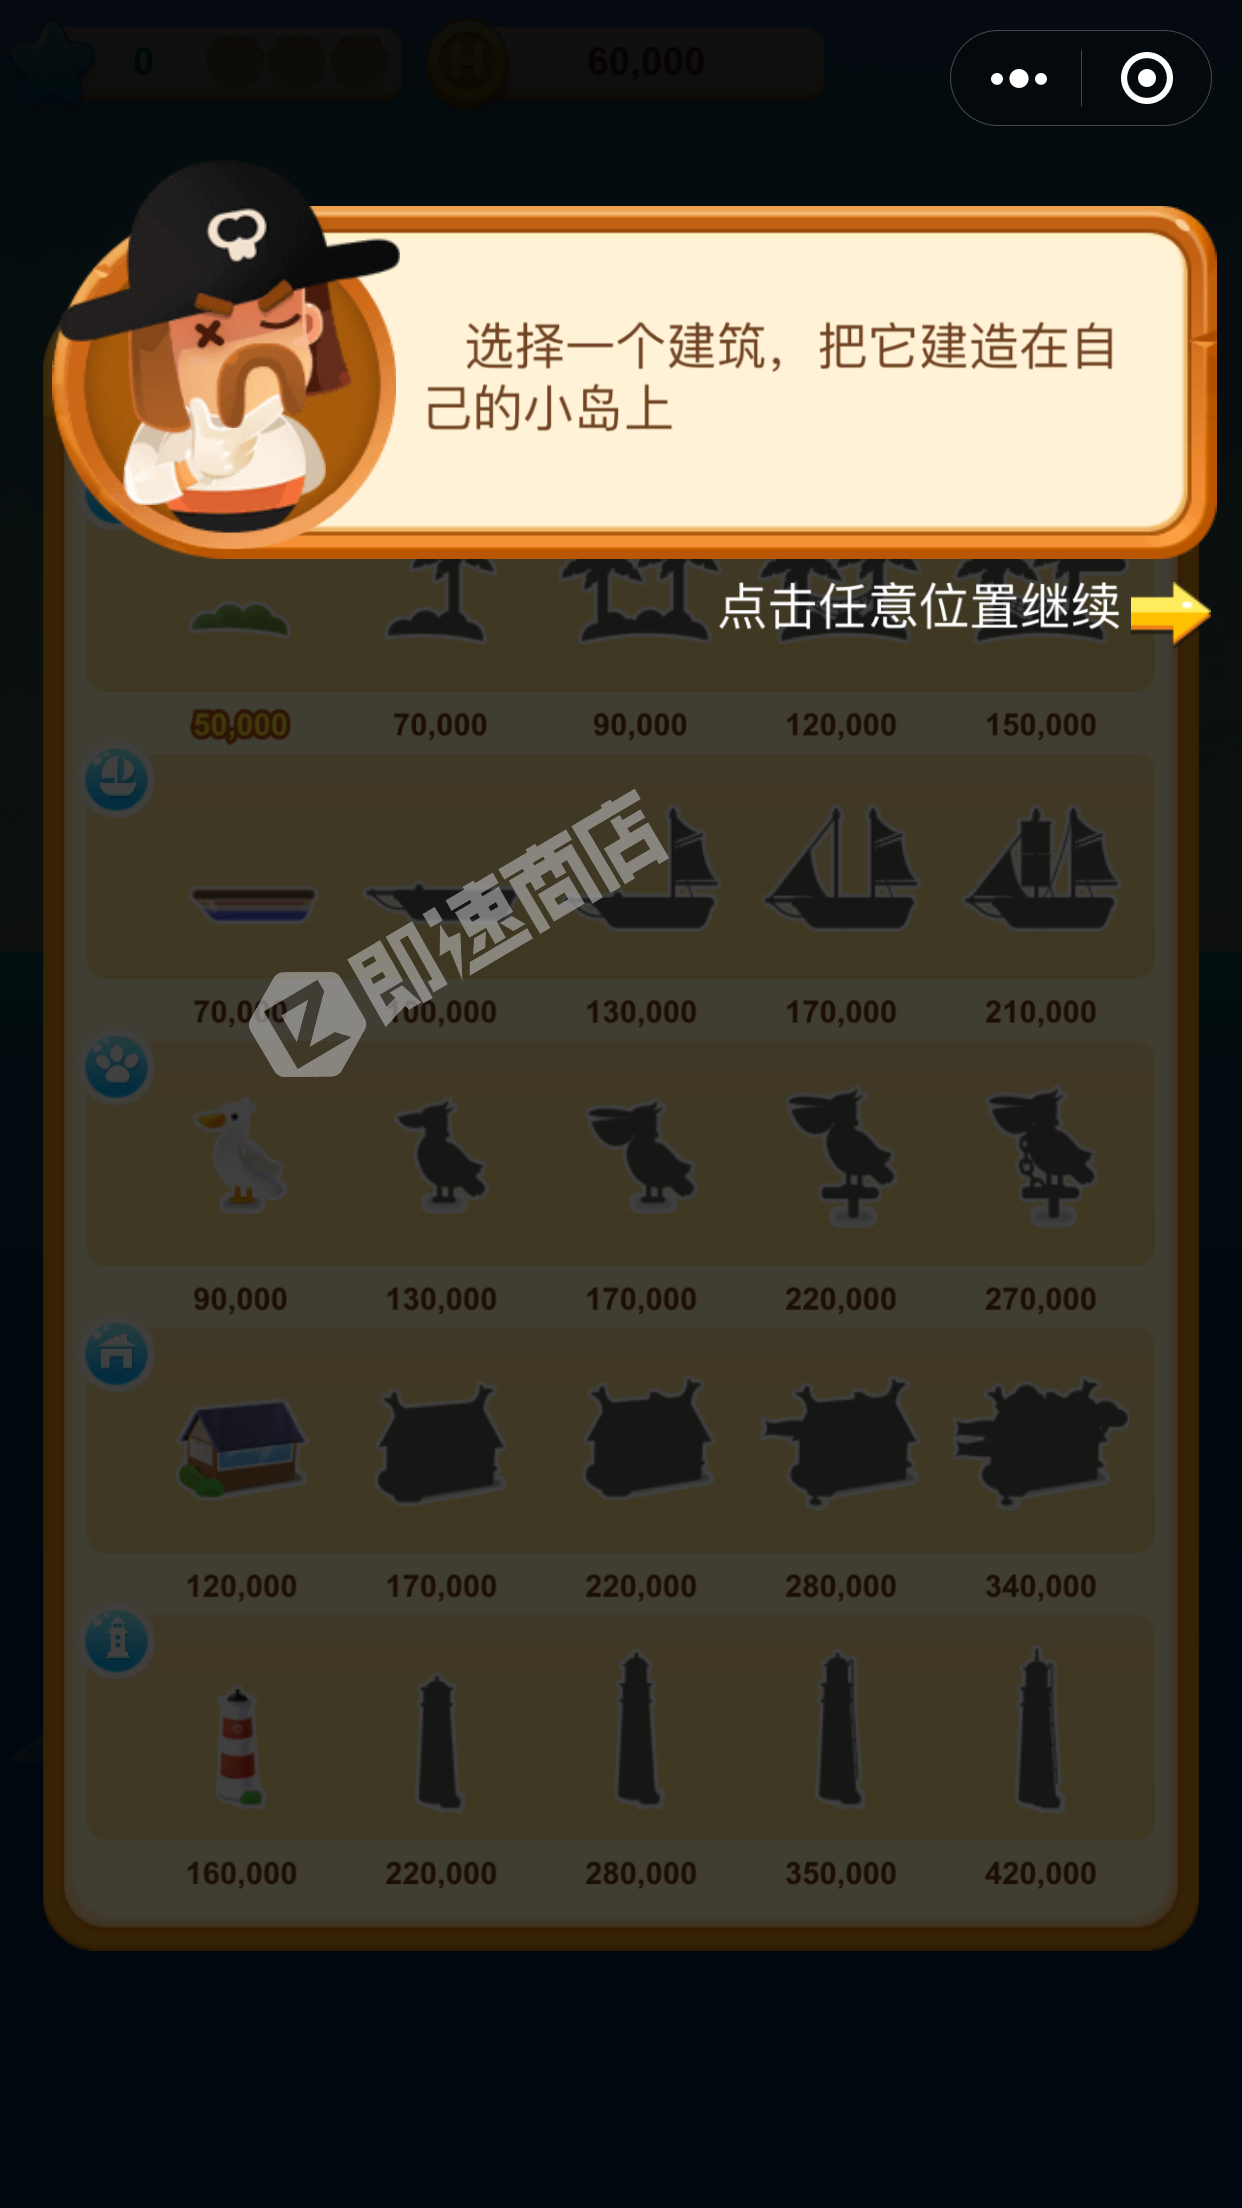 海盗来了小程序详情页截图